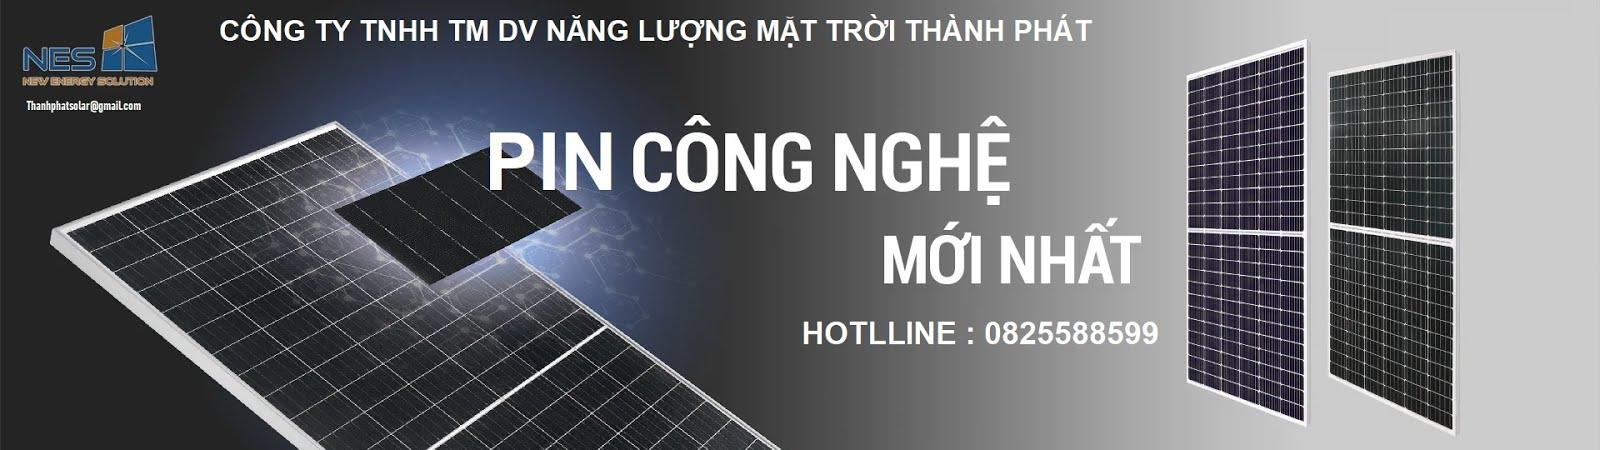 Công Ty TNHH Điện Năng Lượng Mặt Trời Thành Phát